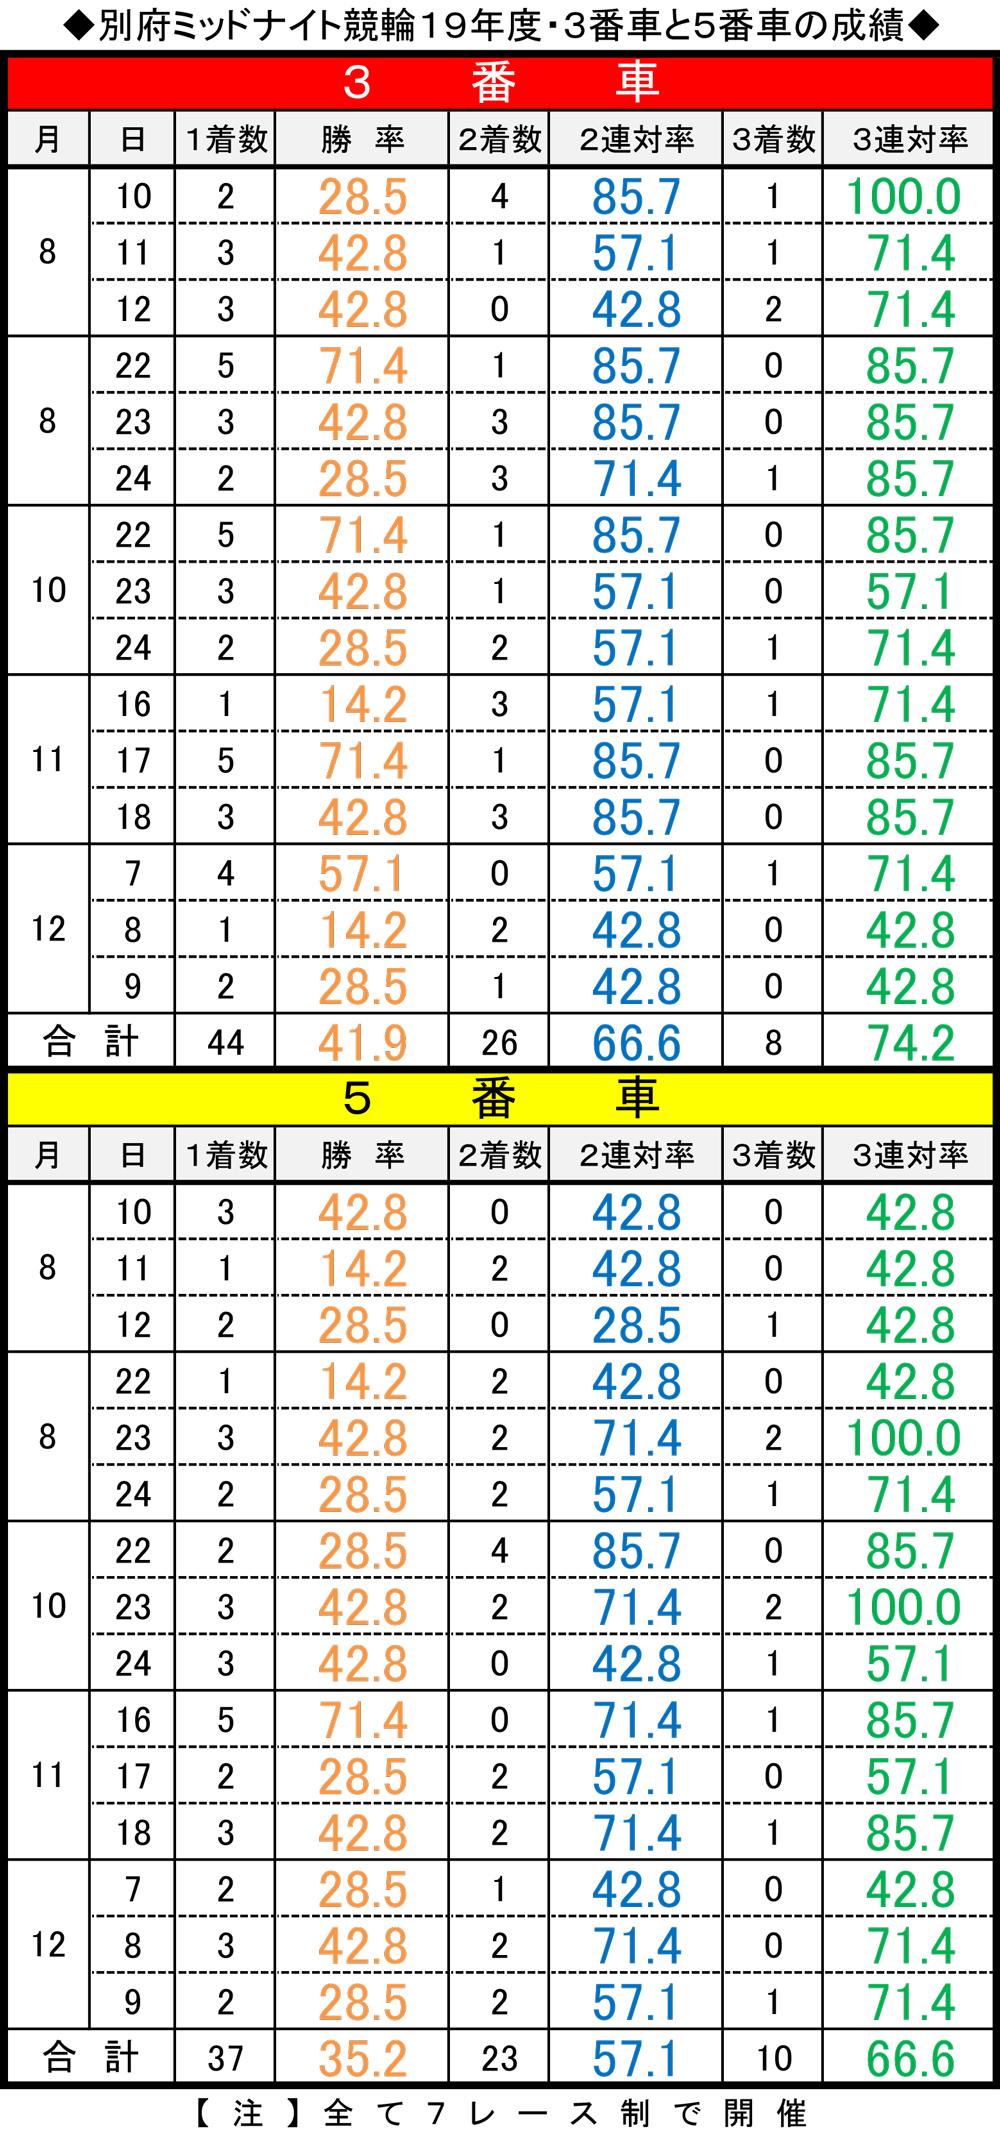 別府ミッドナイト競輪19年度の3番車と5番車の成績